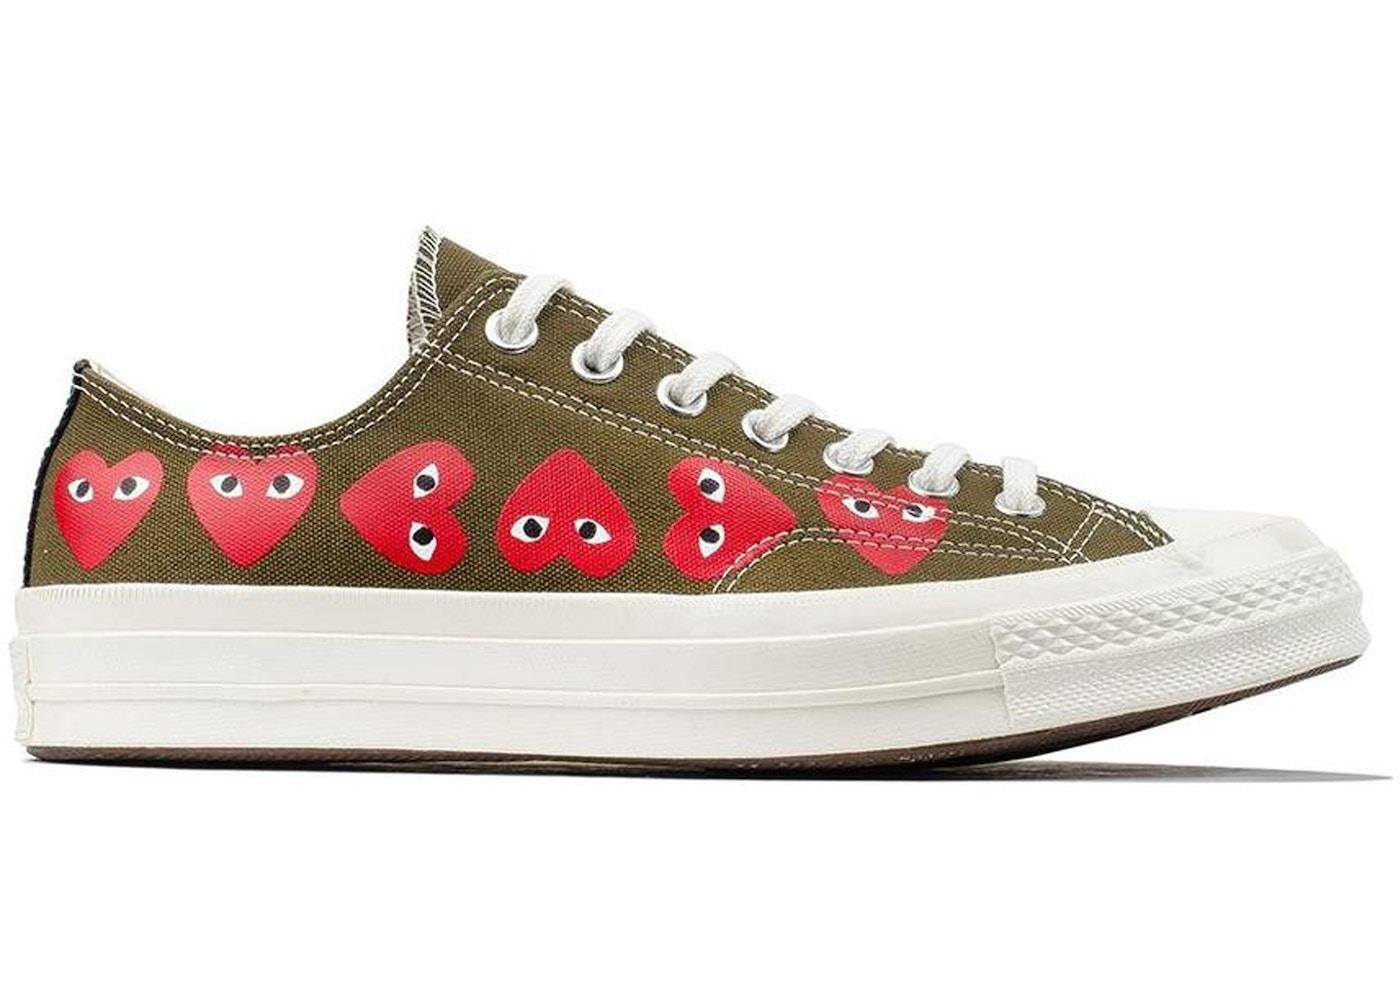 8a8626c84430 Converse Footwear - Buy Deadstock Sneakers